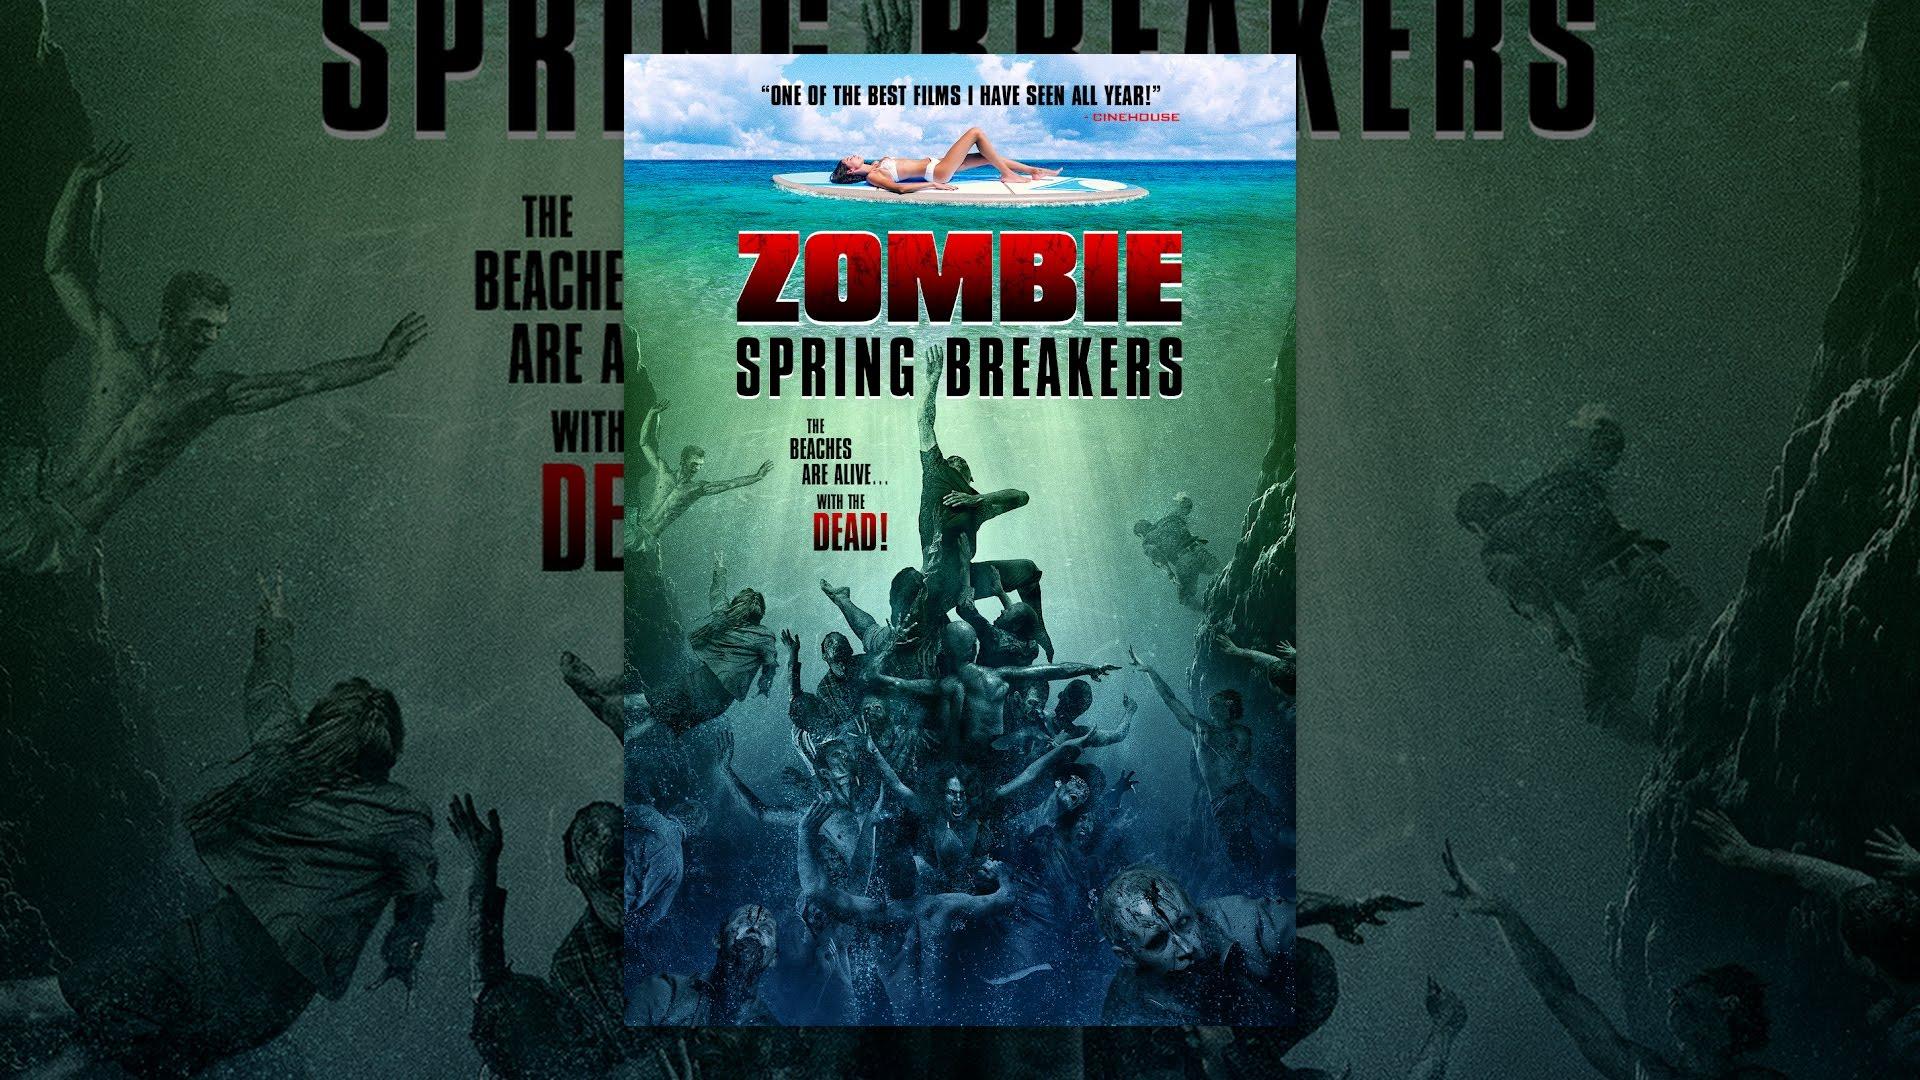 [VIDEO] - Zombie Spring Breakers 2